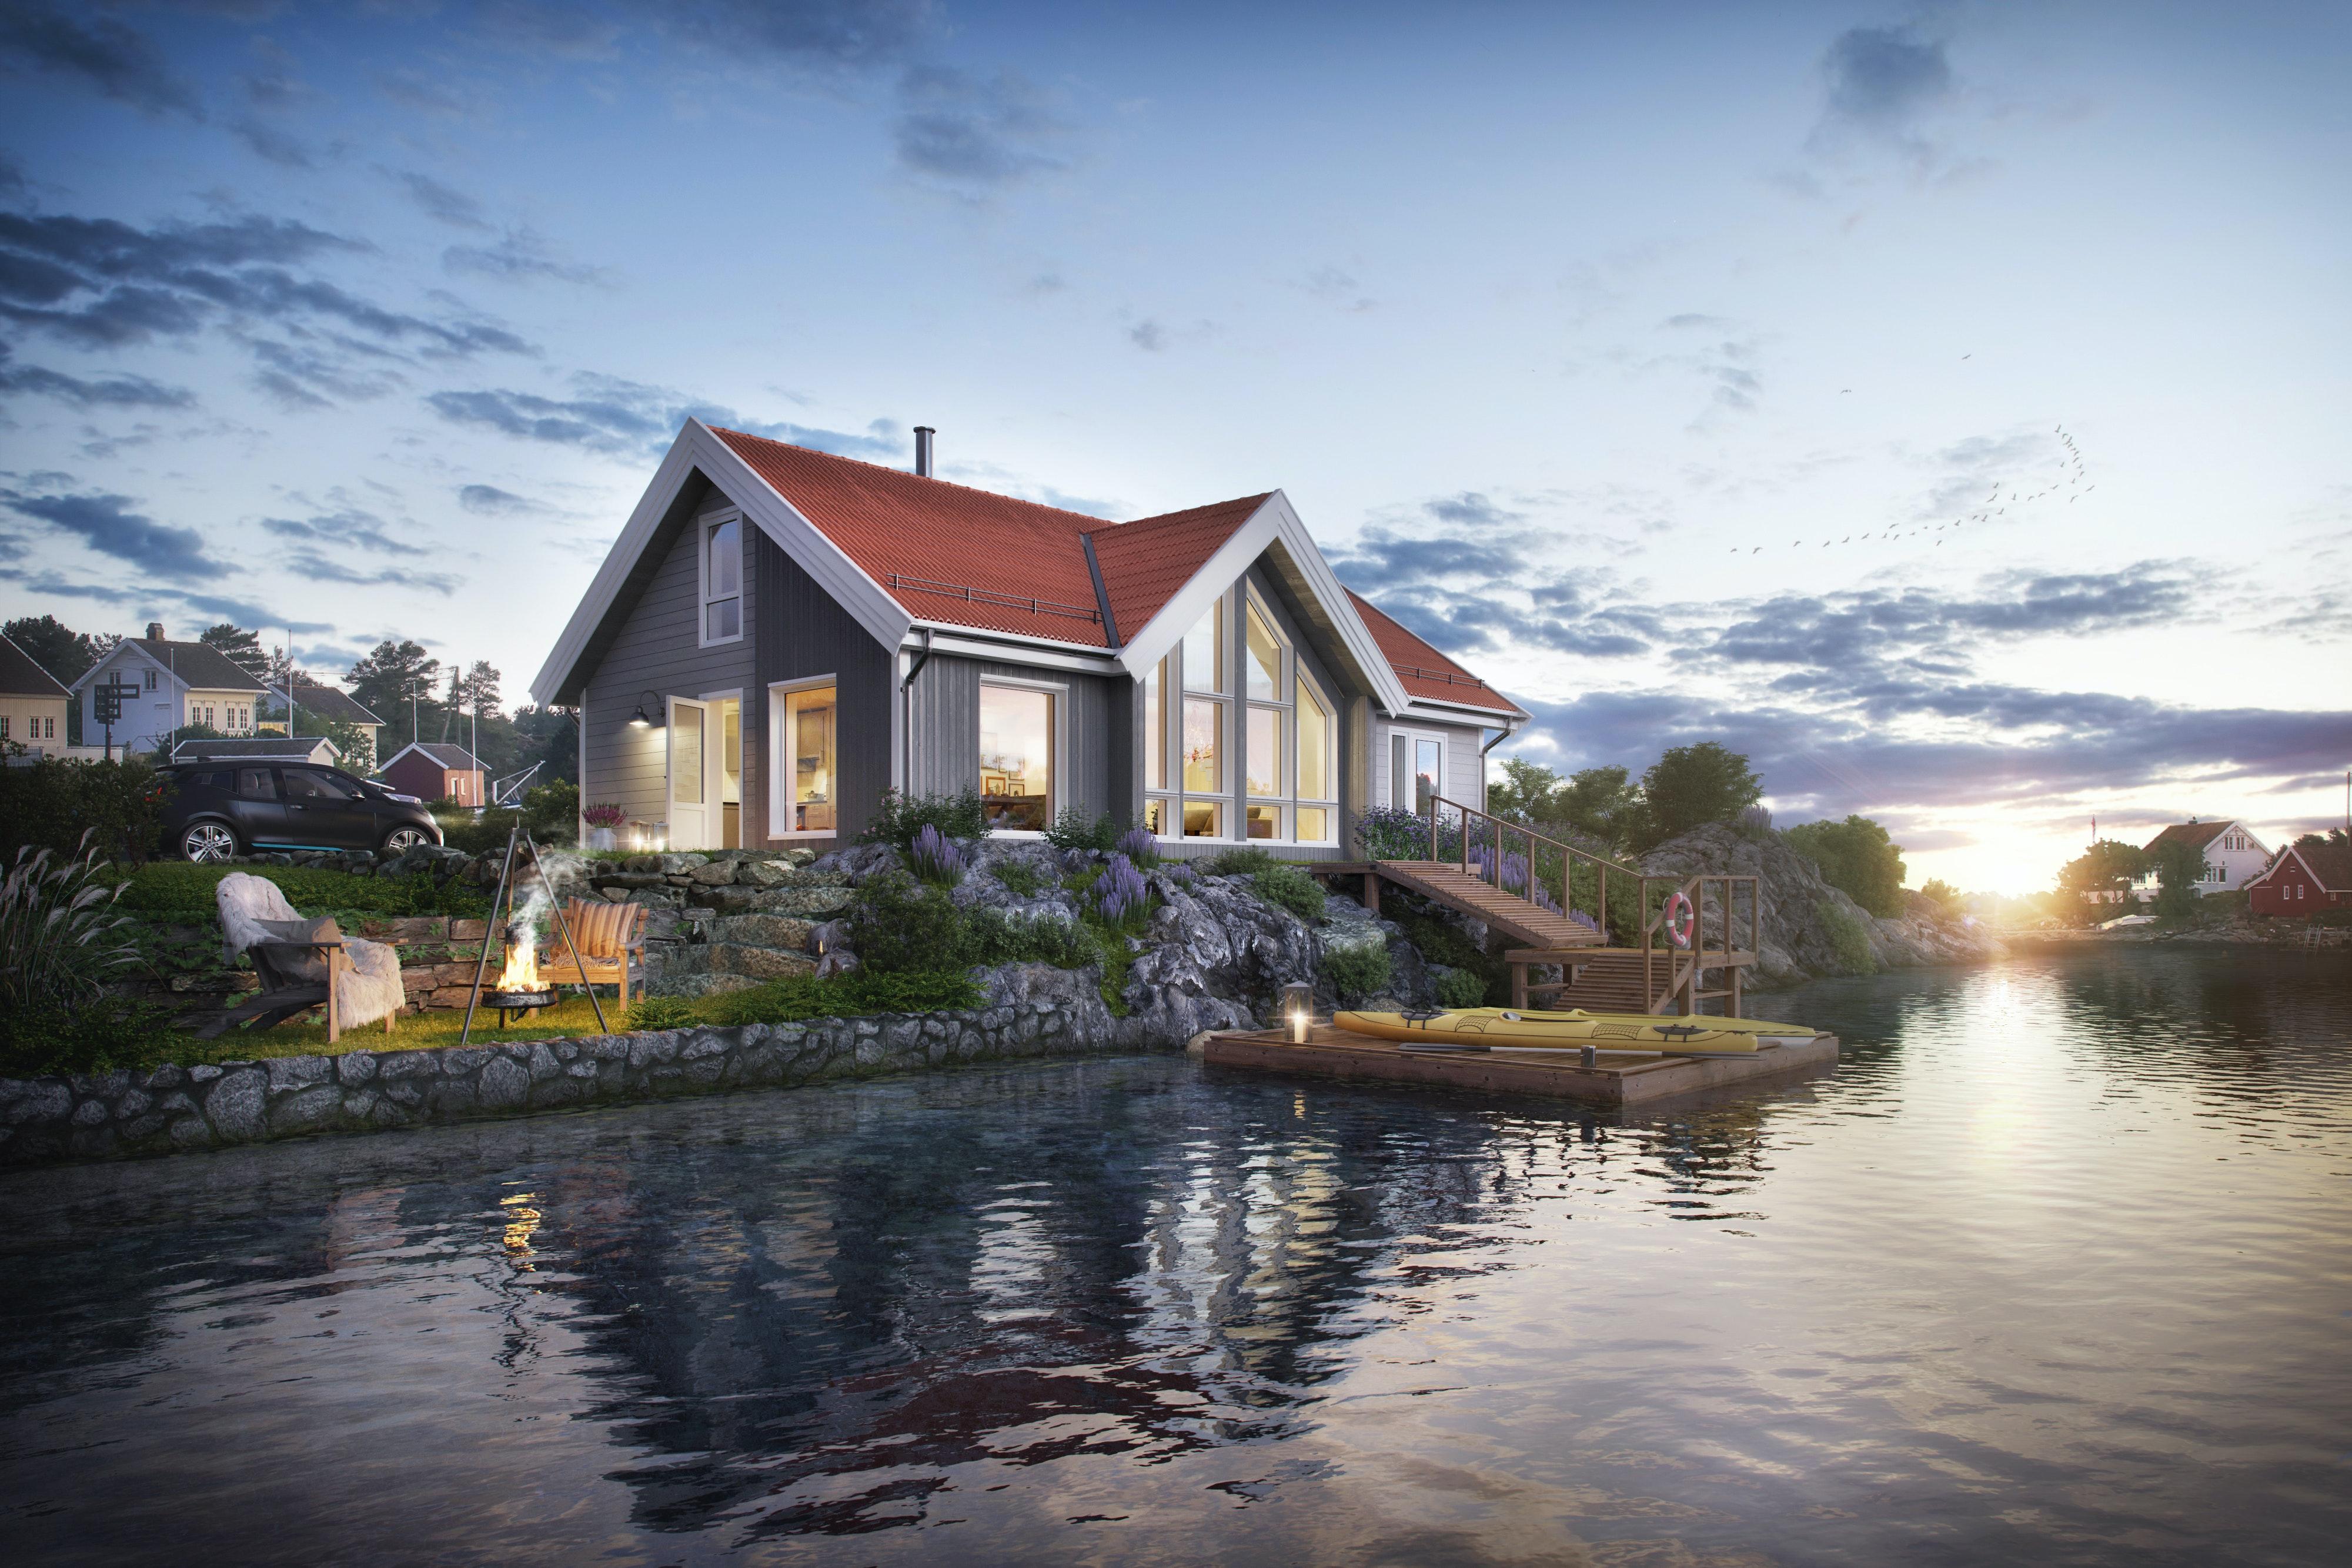 Turufjell/Flå - NY hyttemodell Nysetra prosjektert i NYTT hytteområde, på tomt H21. Gode solforhold og fin utsikt med helårlige turmuligheter fra hytteveggen.